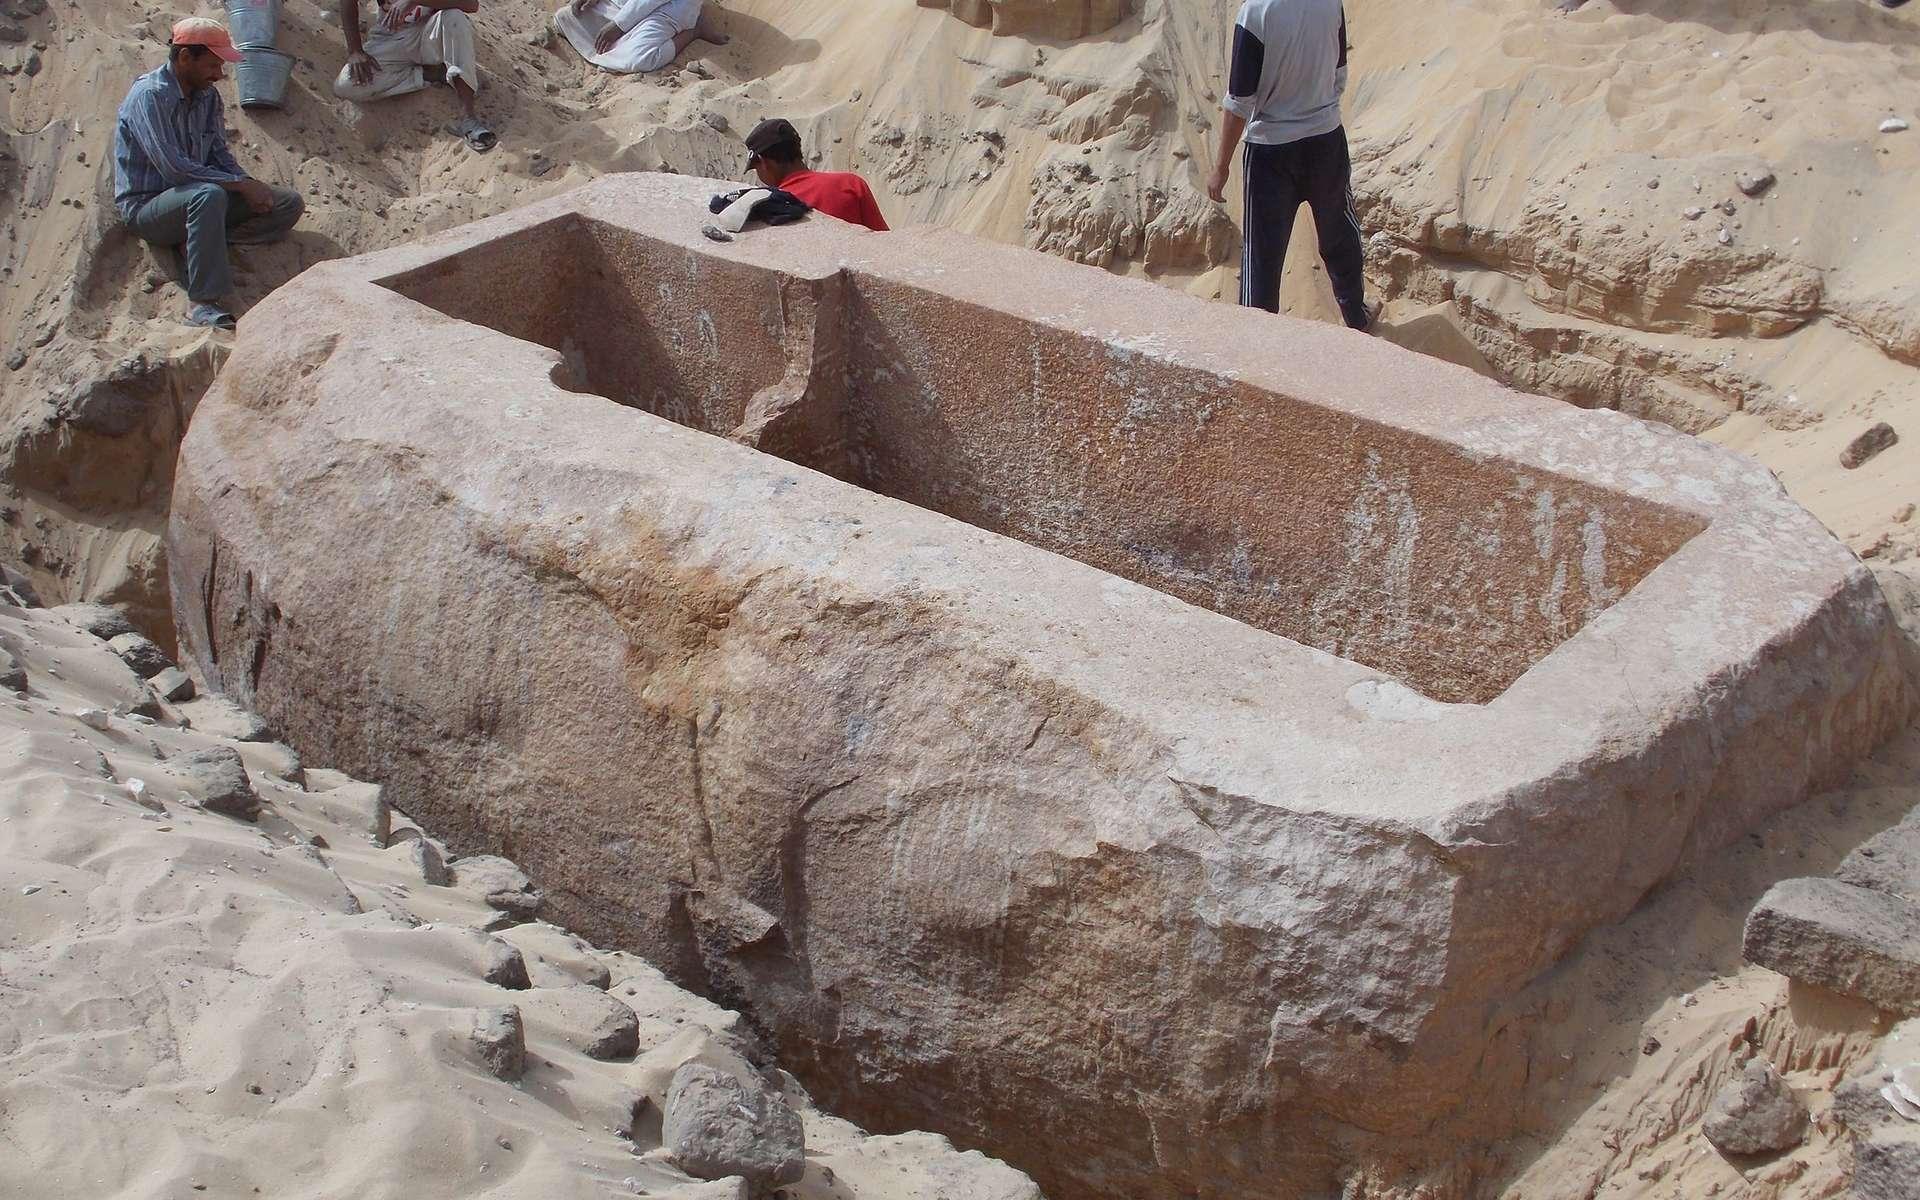 En juin 2013, l'équipe du Penn Museum a mis au jour ce sarcophage en quartzite, qui a dû être réalisé pour un roi de Sobekhotep, probablement Sobekhotep Ier, vers 1780 avant J.-C., durant la 13e dynastie. Les recherches alentour ont conduit à la découverte d'un autre pharaon, jusque-là inconnu, Woseribre Senebkay, qui aurait vécu vers 1650-1600 avant J.-C. © Josef Wegner, Penn Museum